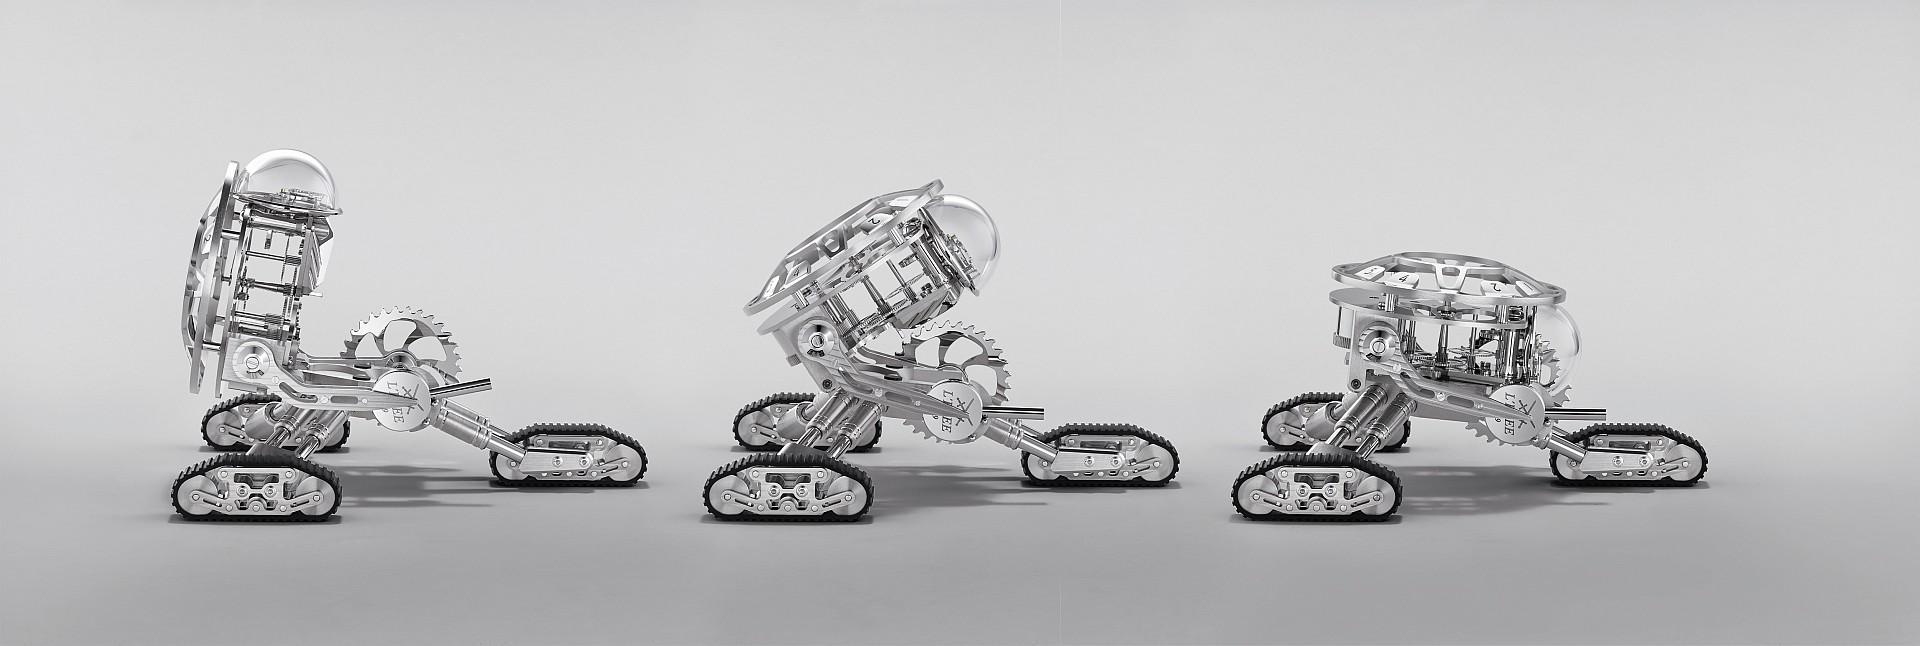 扭轉時間:MB&F + L'Epée 1839聯手推出 Grant三履帶機器人座鐘